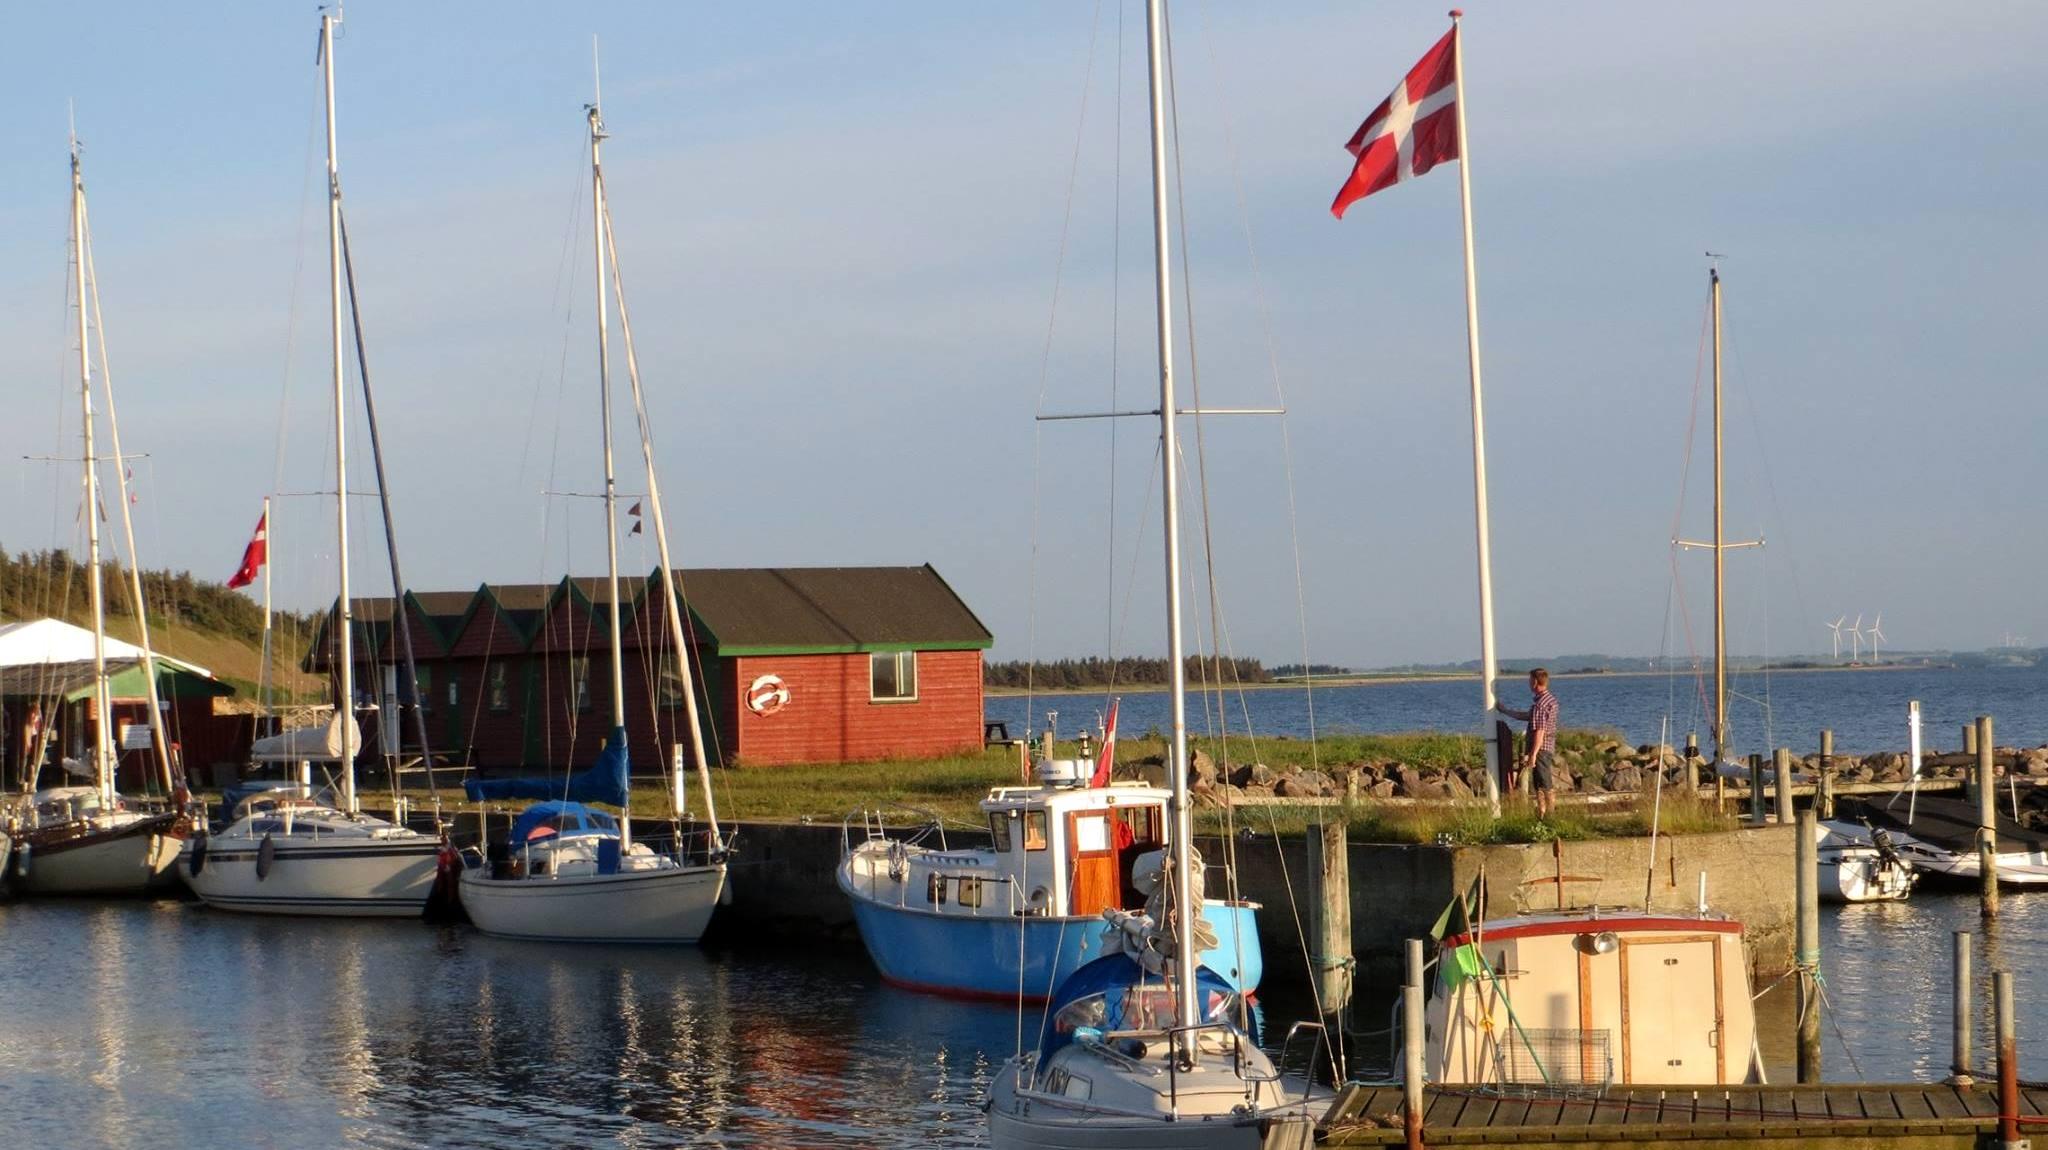 Venø Havn - Harba